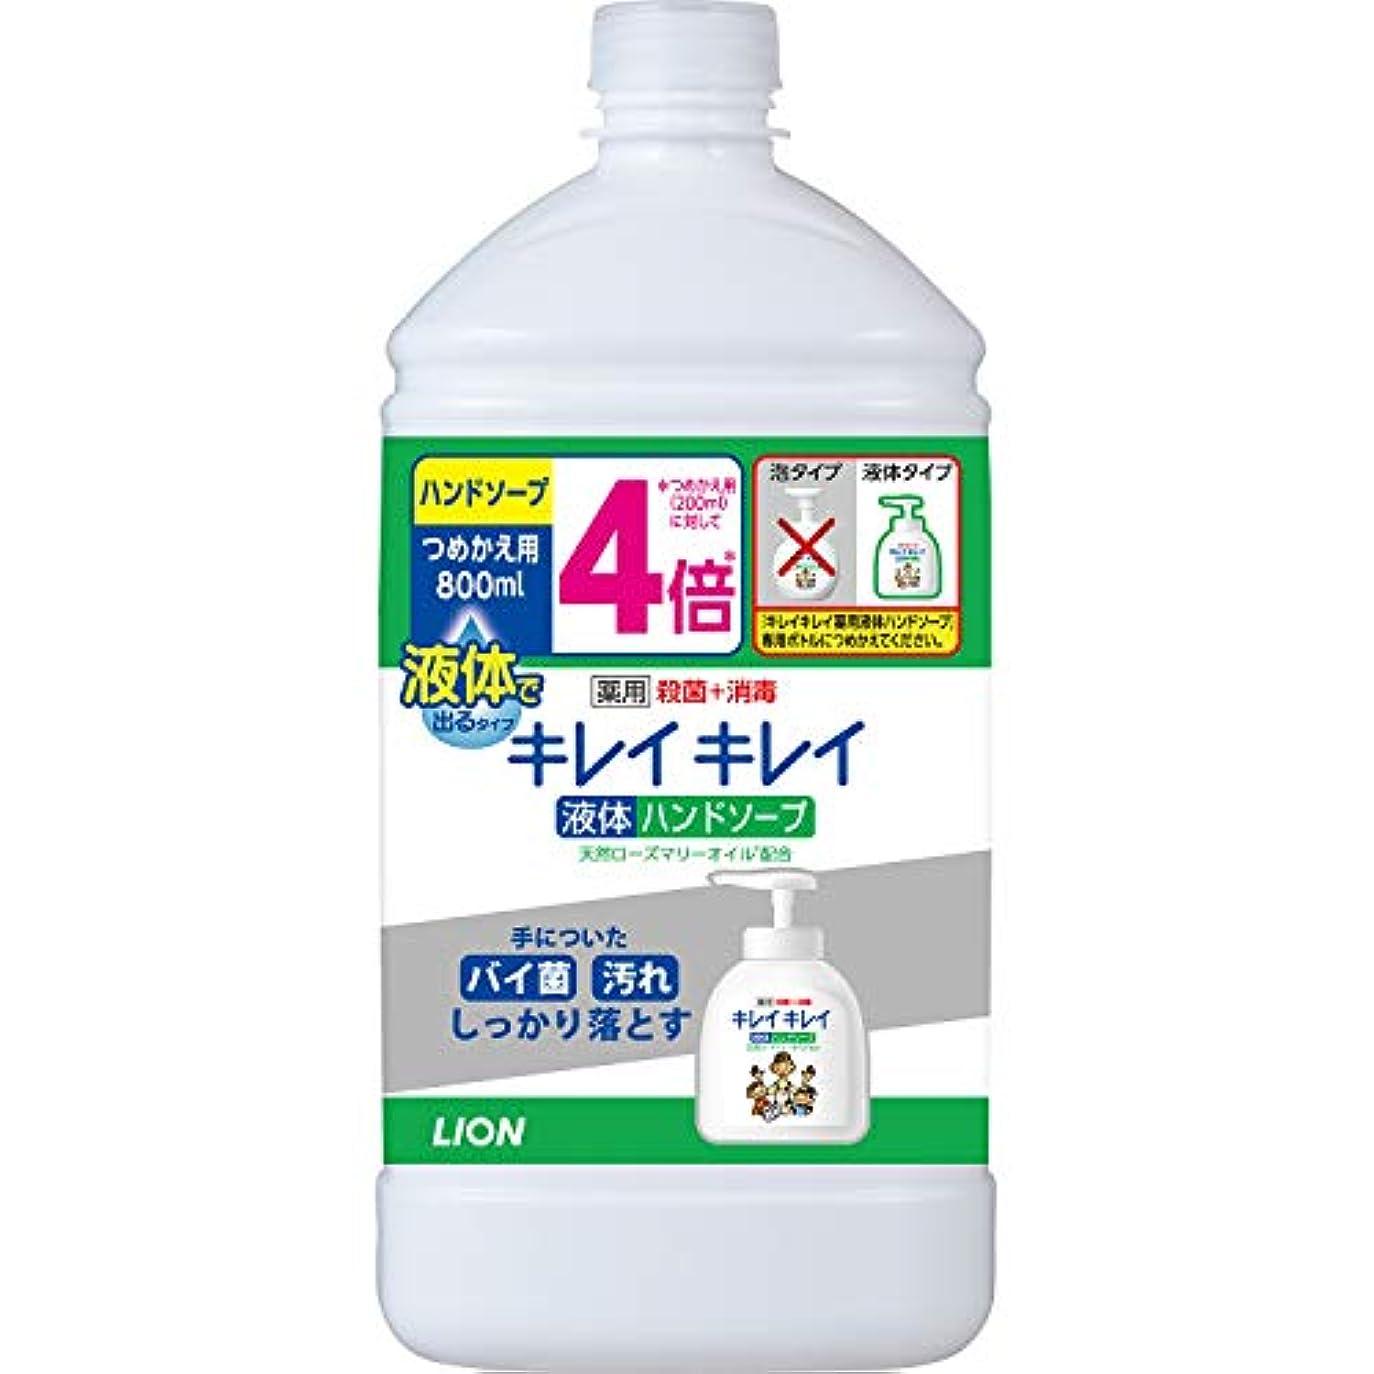 グリット消毒剤柔らかさ(医薬部外品)【大容量】キレイキレイ 薬用 液体ハンドソープ 詰替特大 800ml